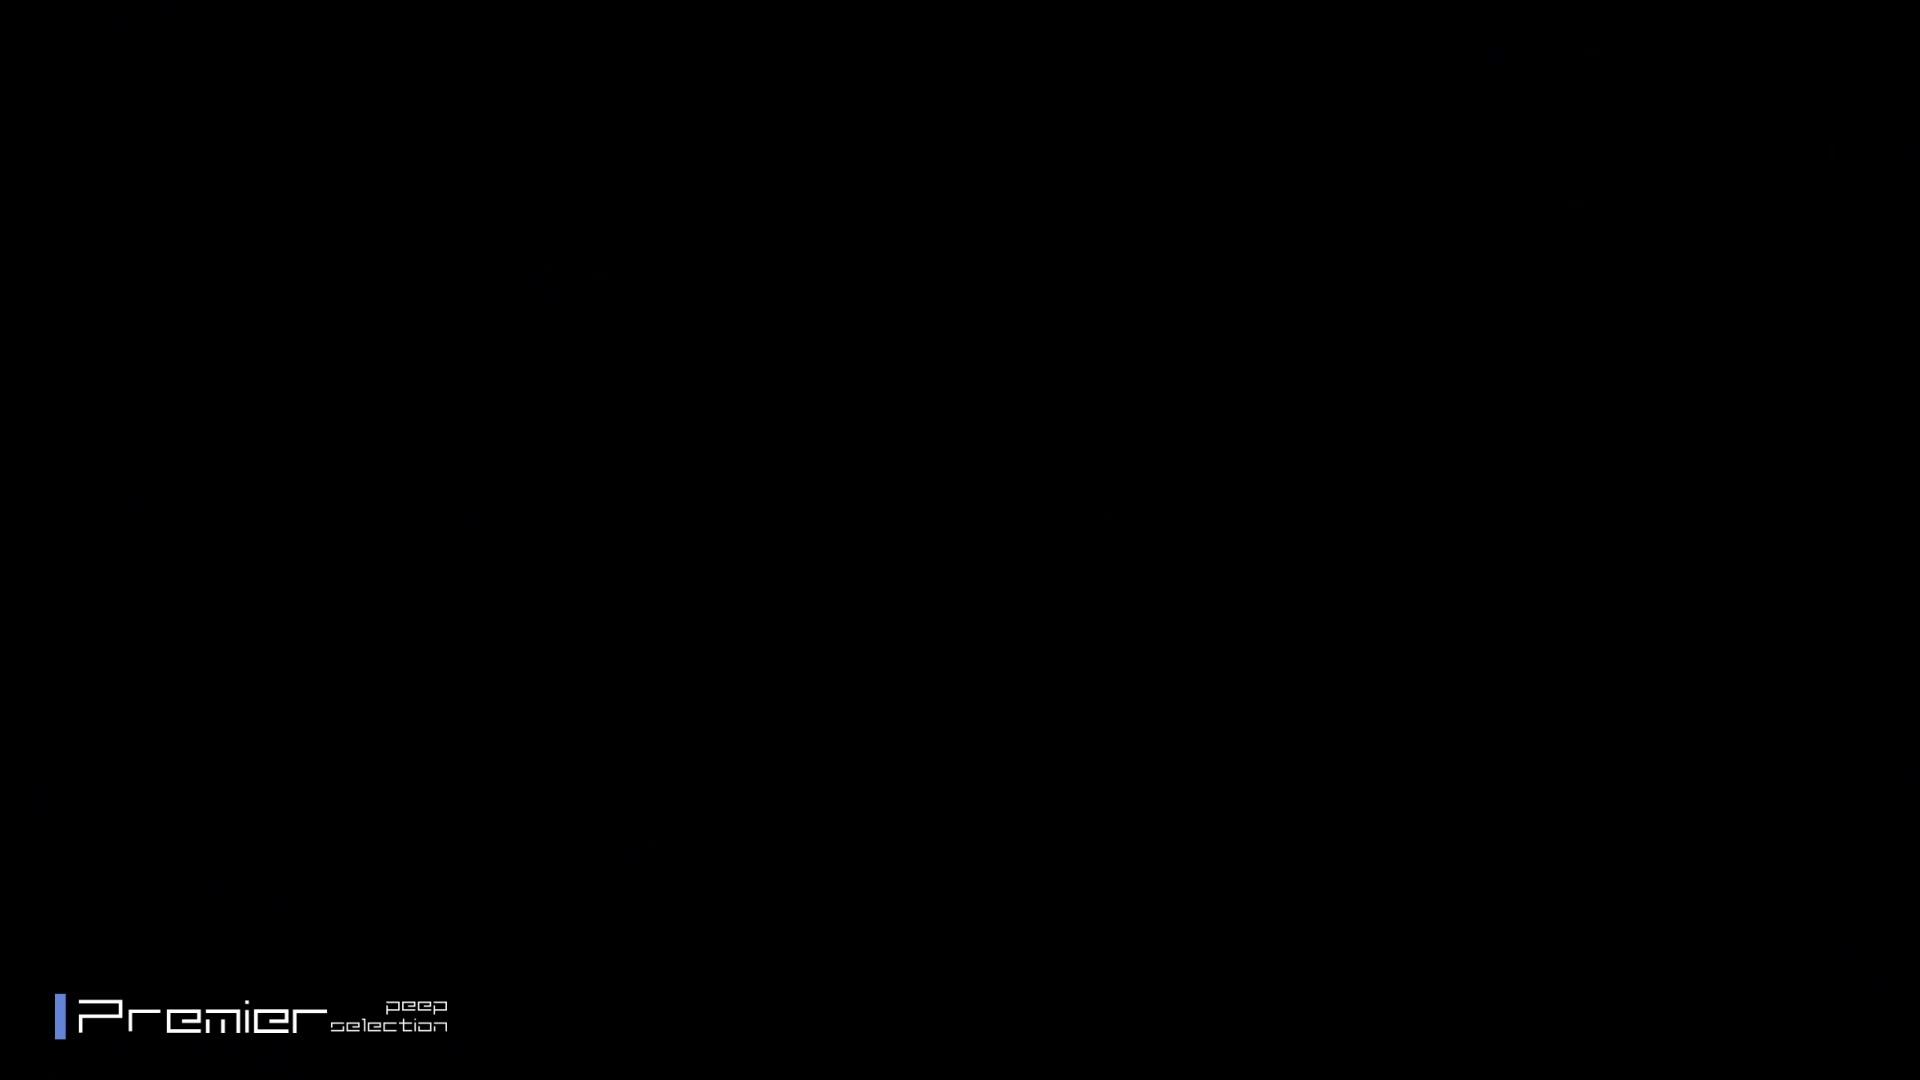 高画質フルハイビジョン スレンダー美女の入浴 乙女の風呂場 Vol.04 投稿 オメコ無修正動画無料 75画像 74